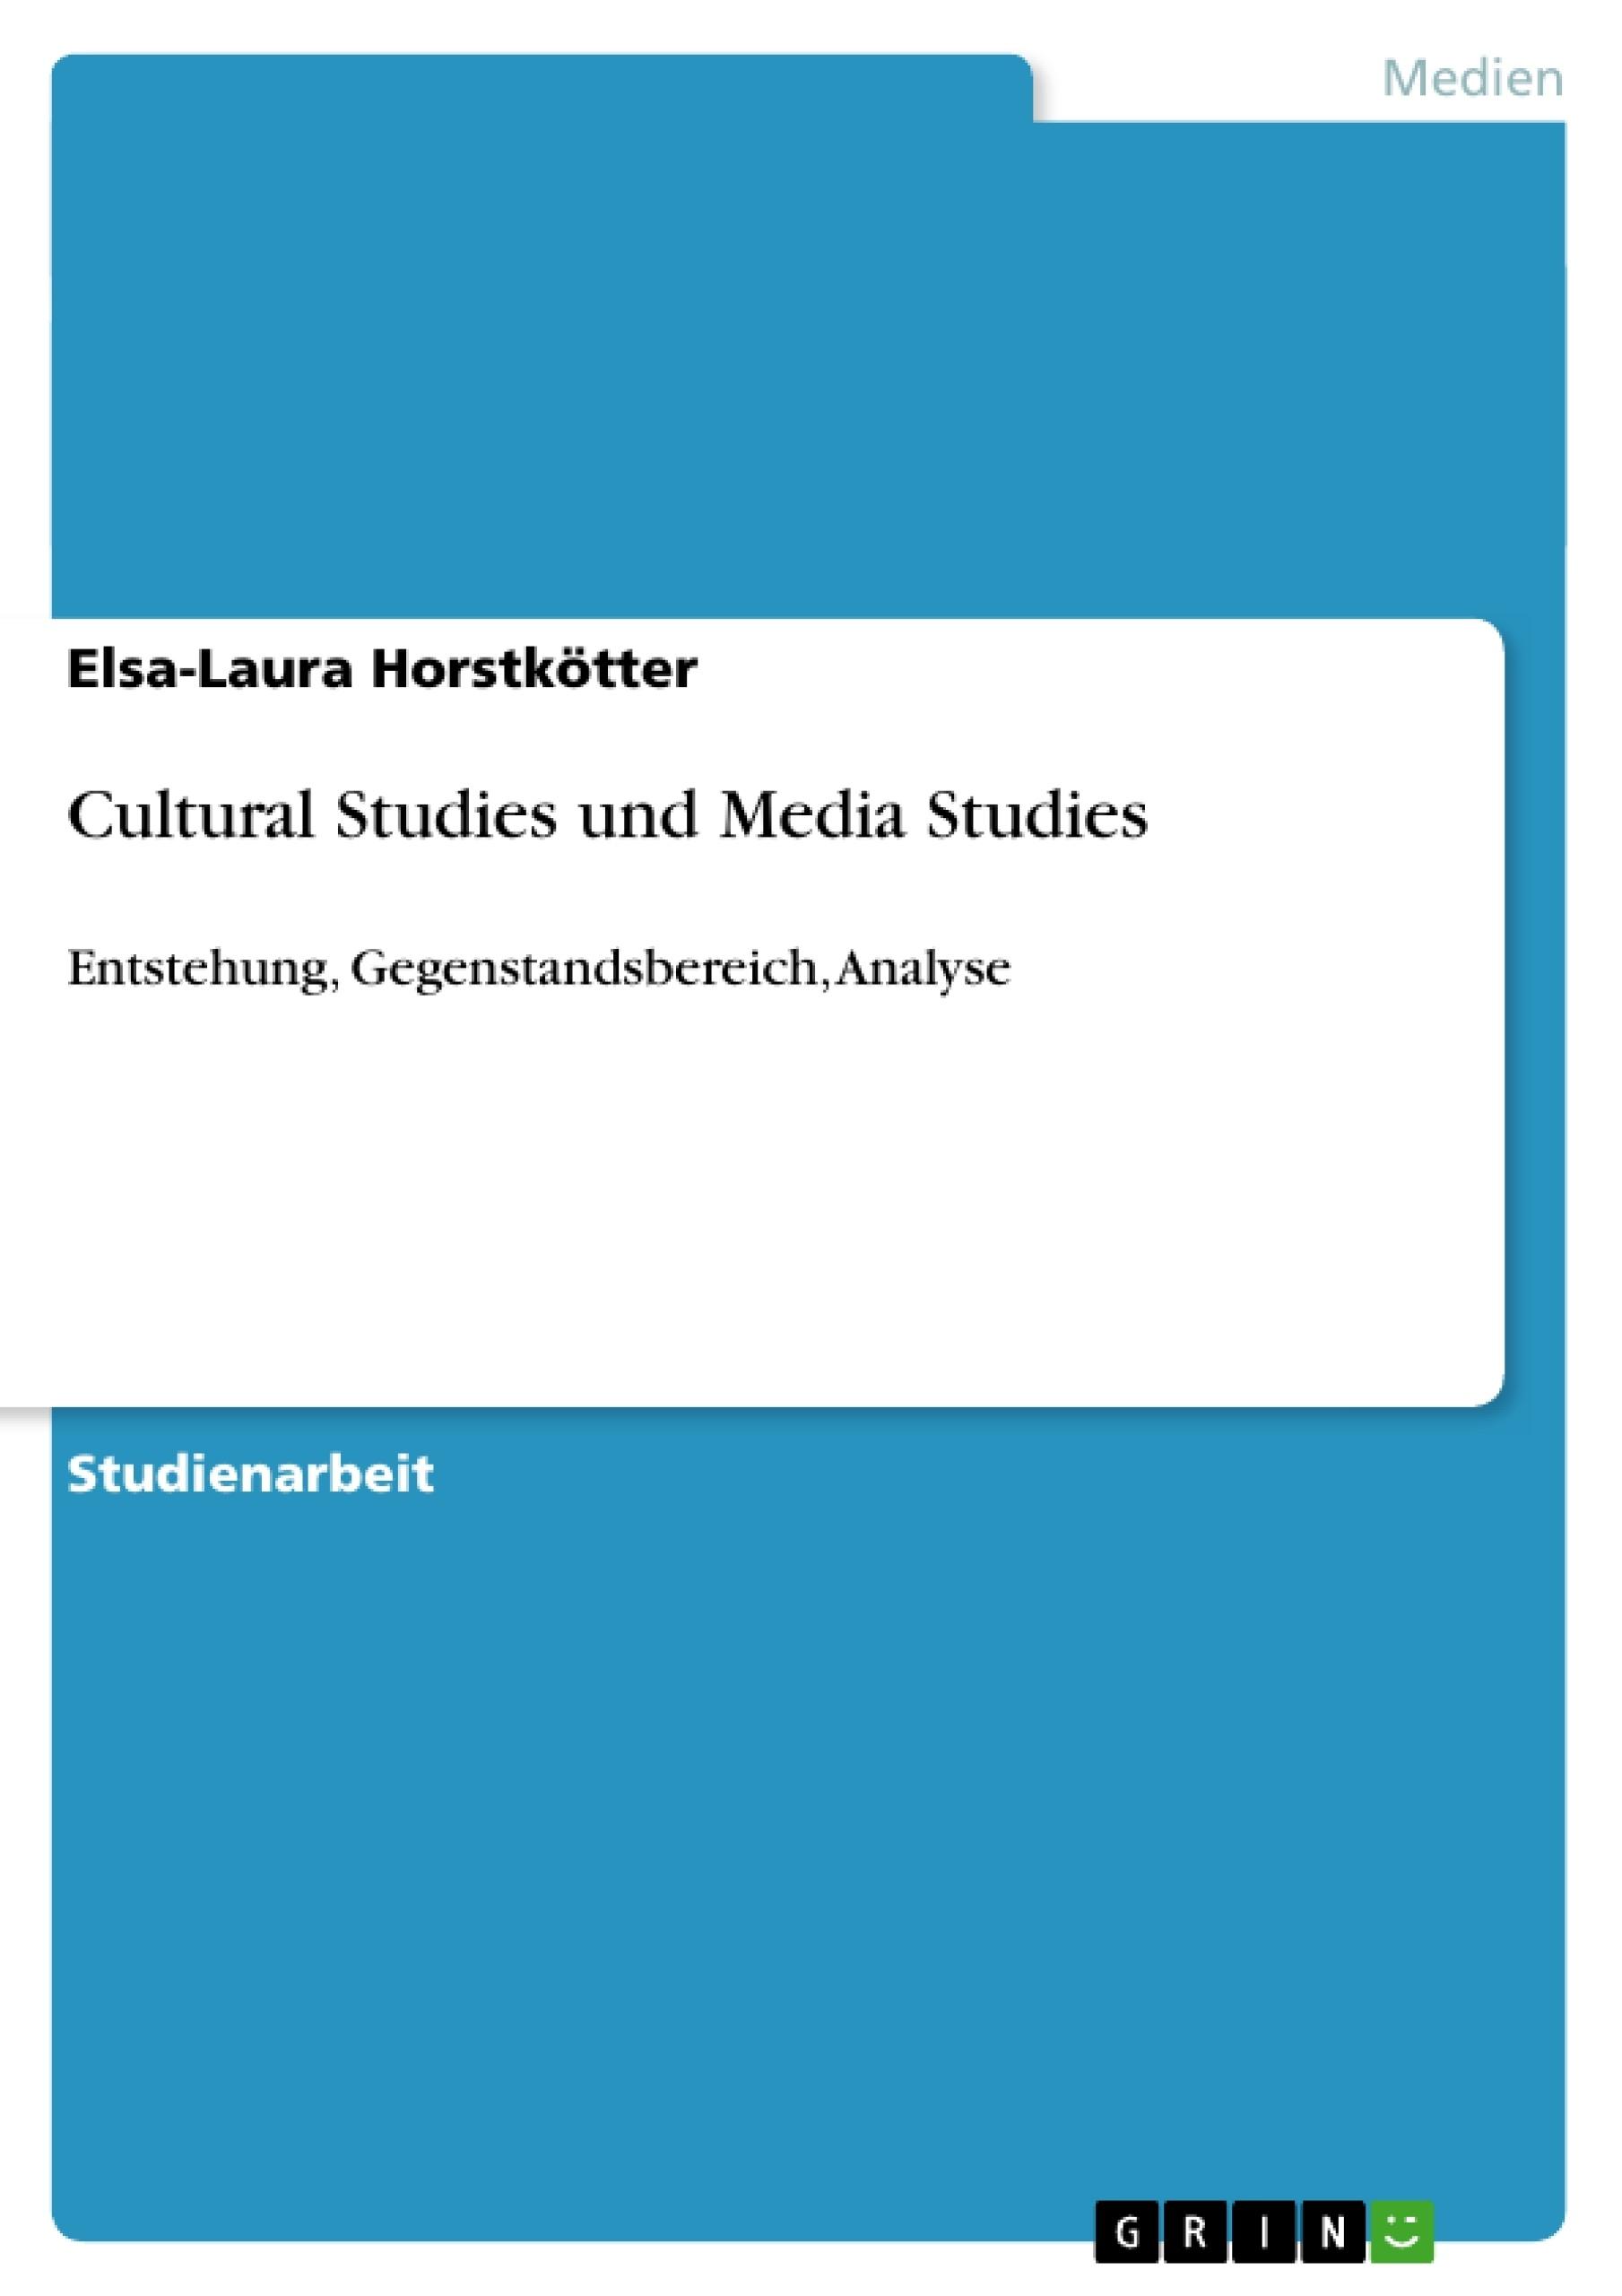 Titel: Cultural Studies und Media Studies